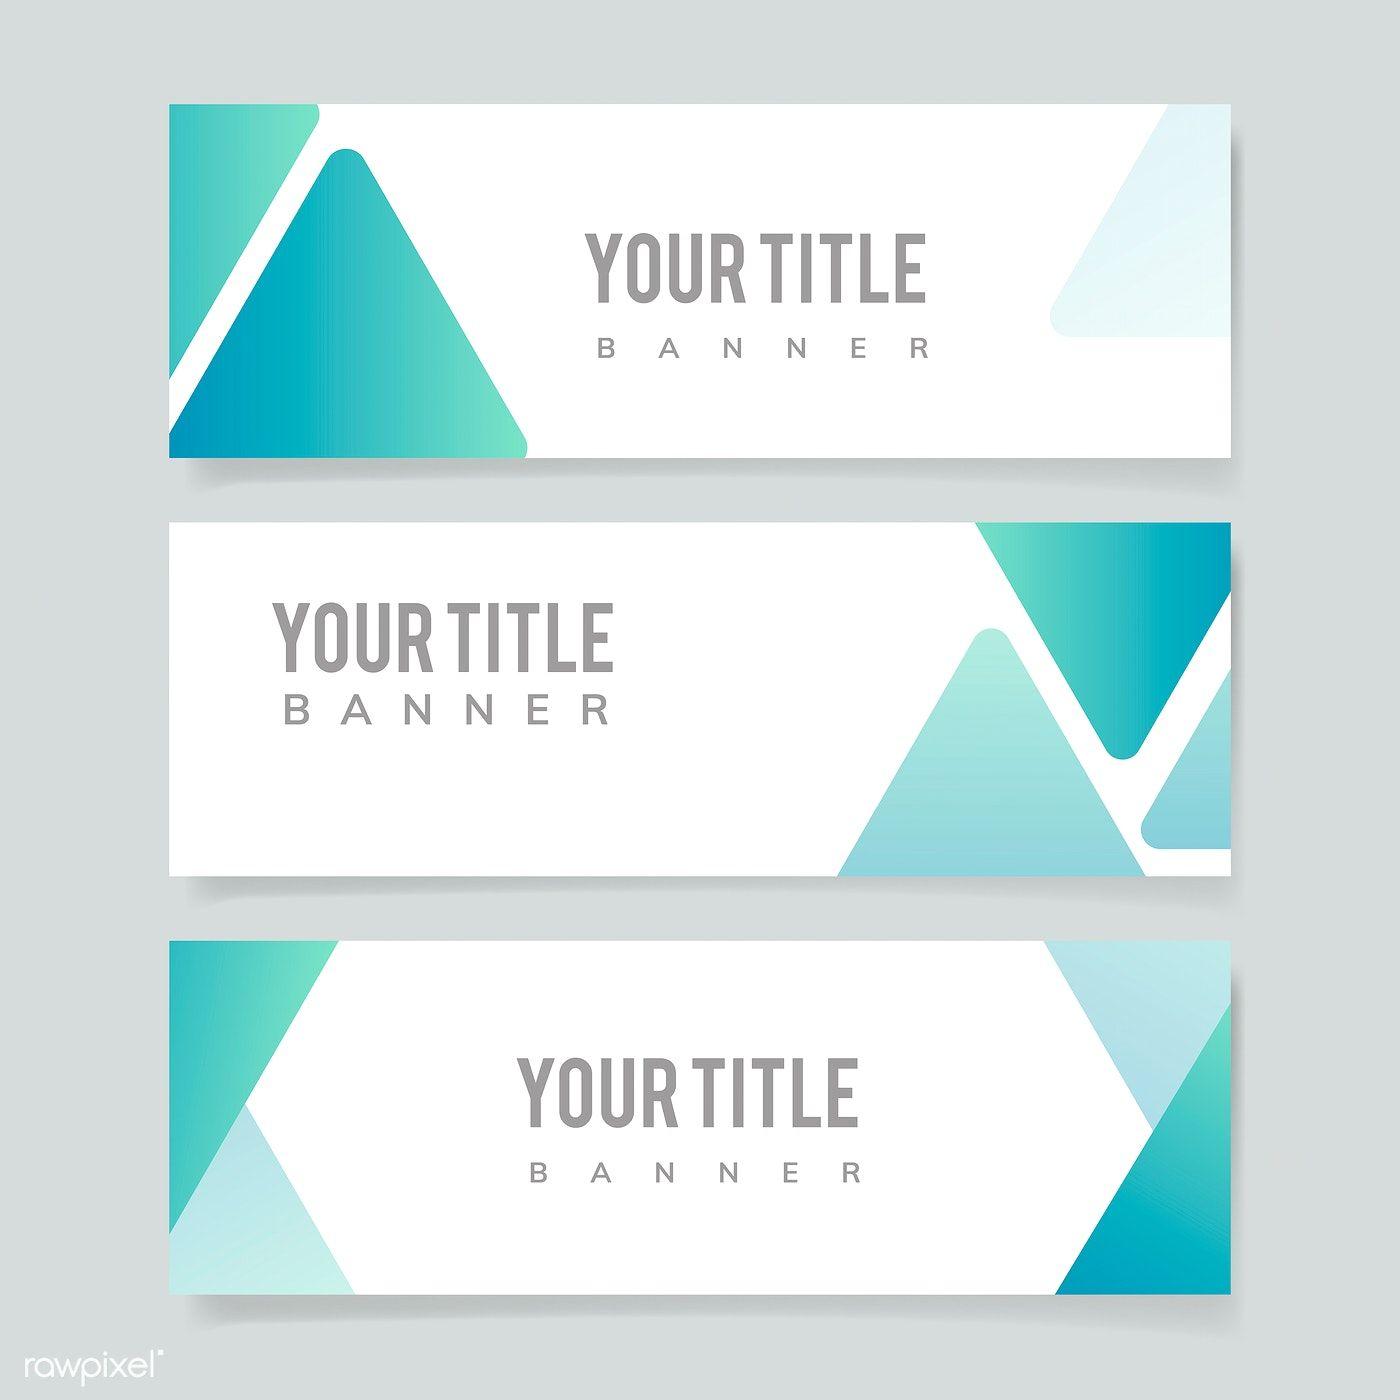 Blank Abstract Design Banner Illustration Free Image By Rawpixel Com Banner Design Banner Template Design Website Banner Design